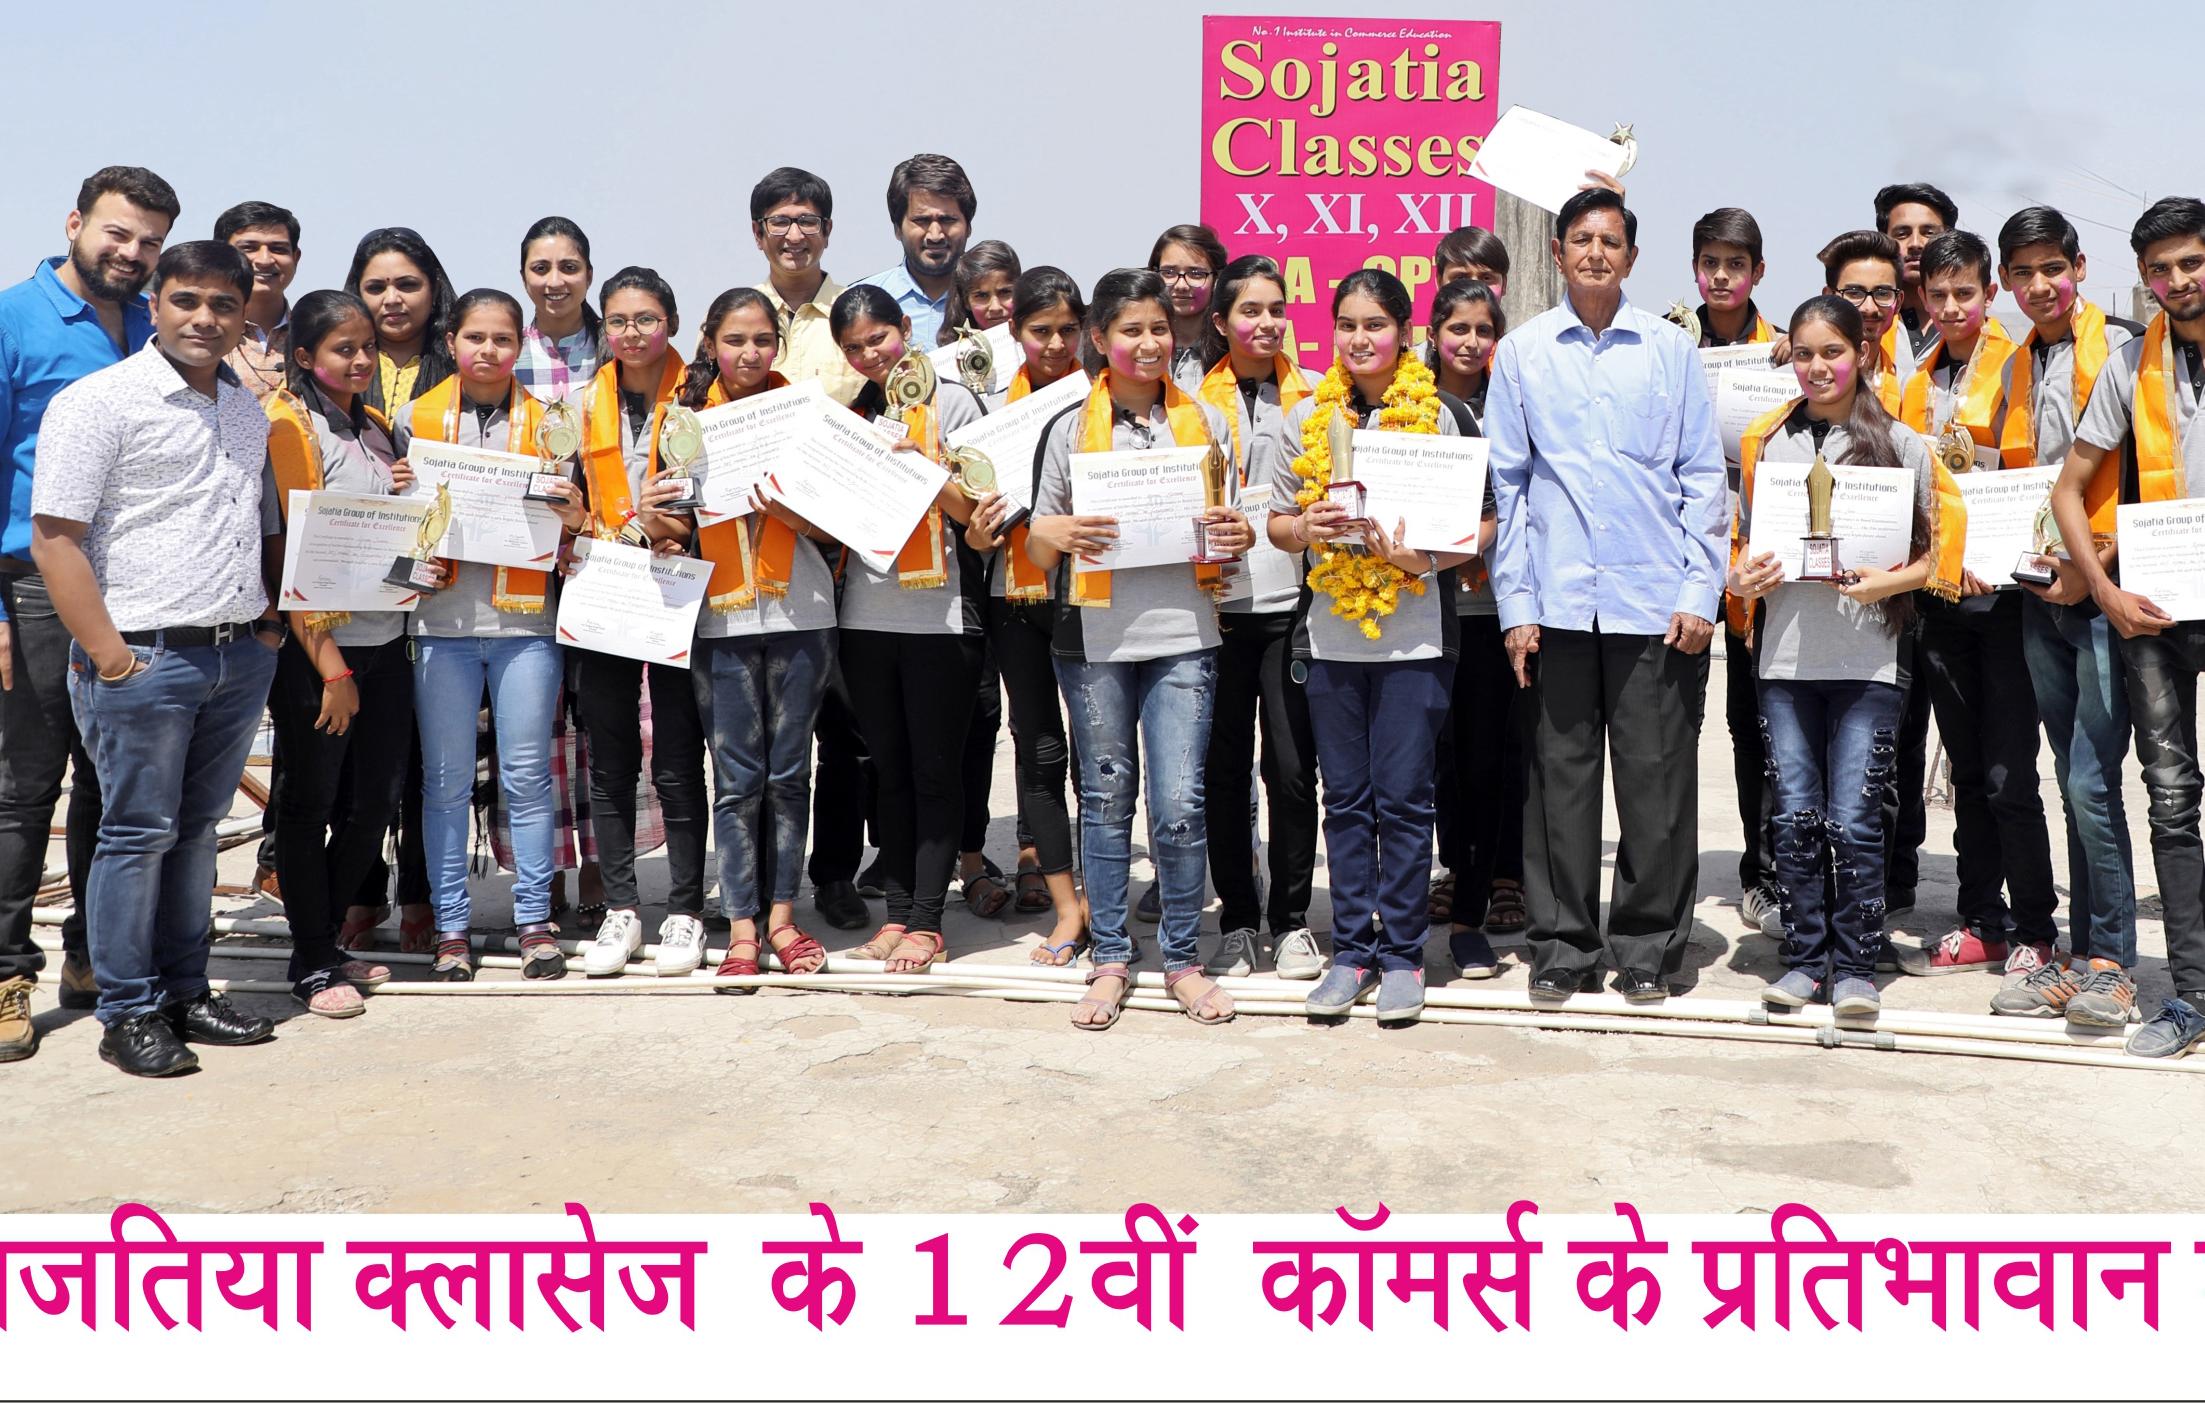 उदयपुर शहर में पहला स्थान सोजतिया क्लासेज से